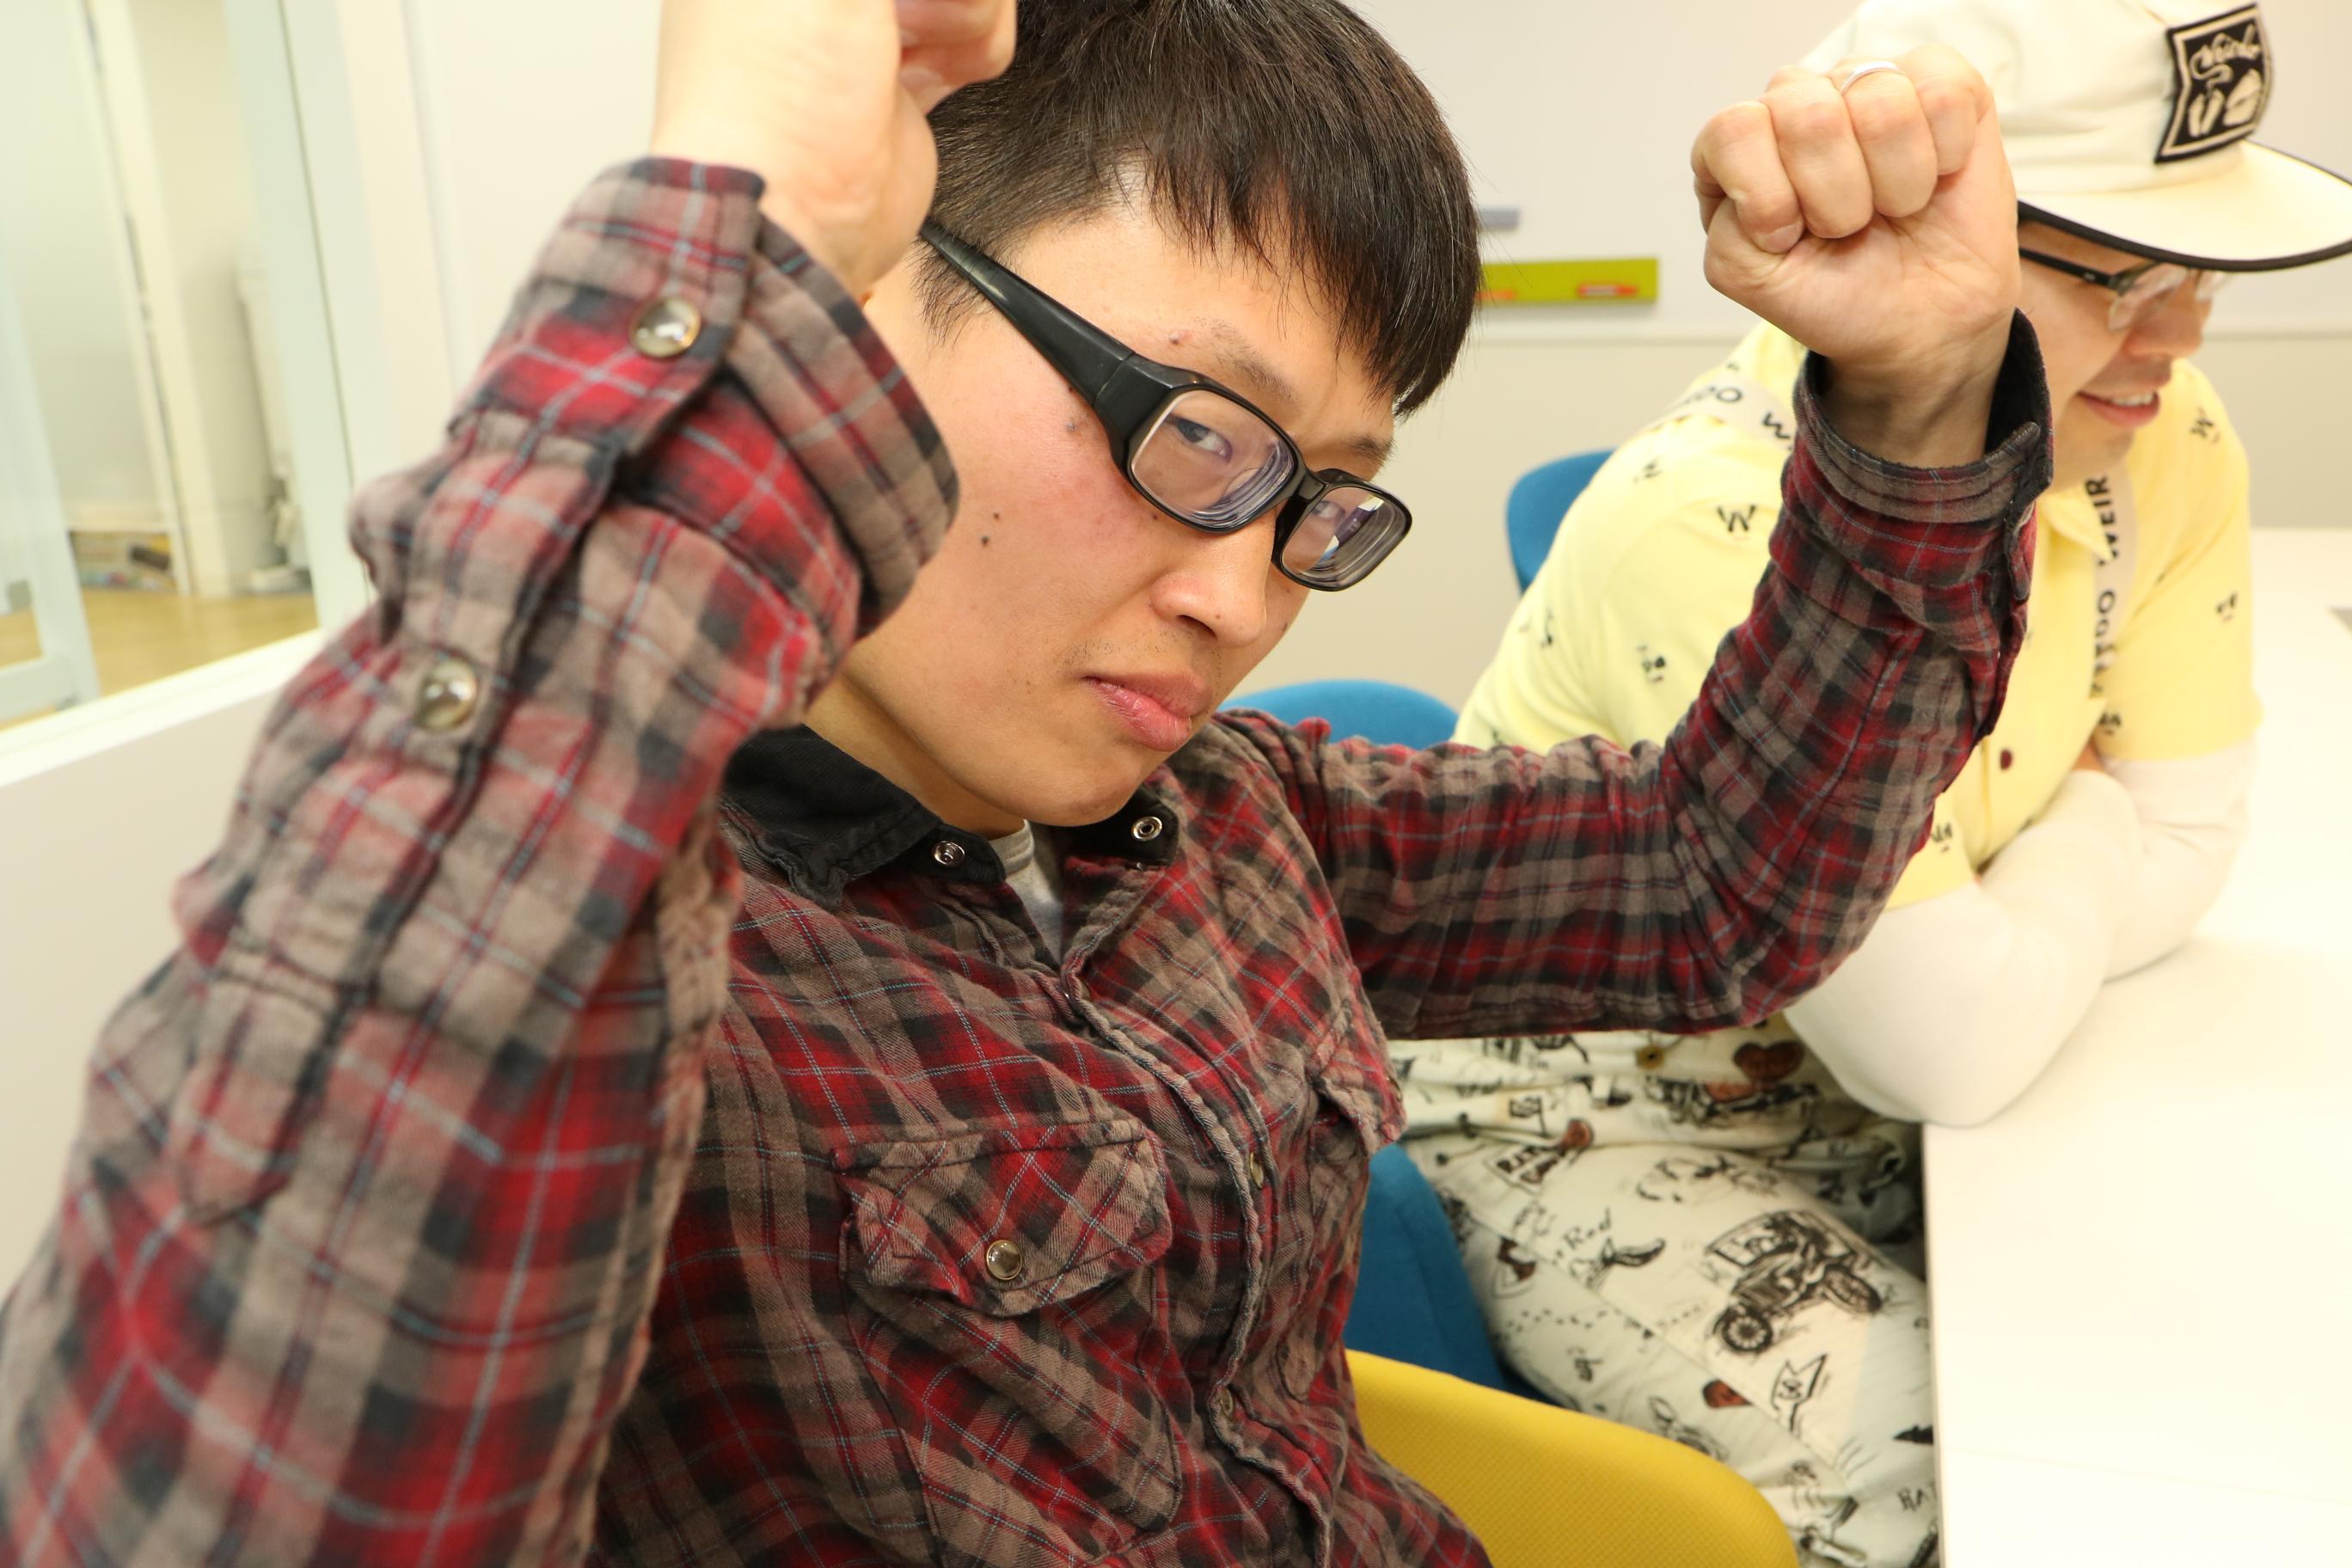 『オルタンシア・サーガ -蒼の騎士団-』クライマックスを盛り上げるキャンペーンが続々開催! さらに、12月7日の国営放送に伊藤静さんがゲスト出演!-8